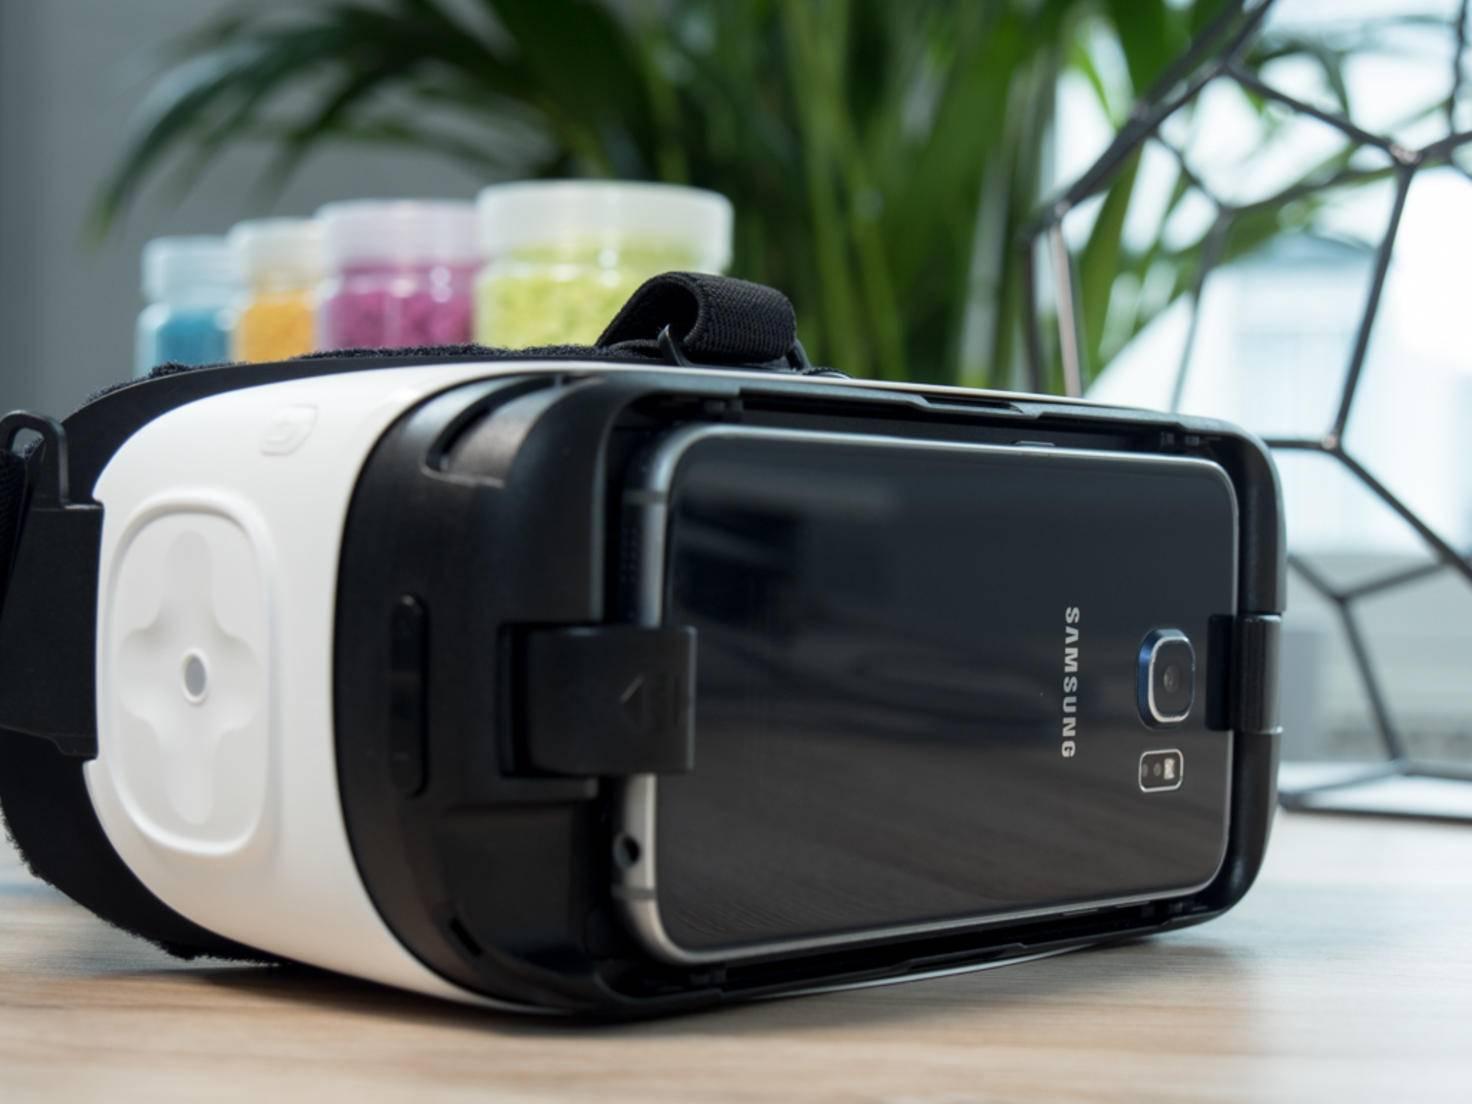 Fotos_VR-Brillen (14 von 19)